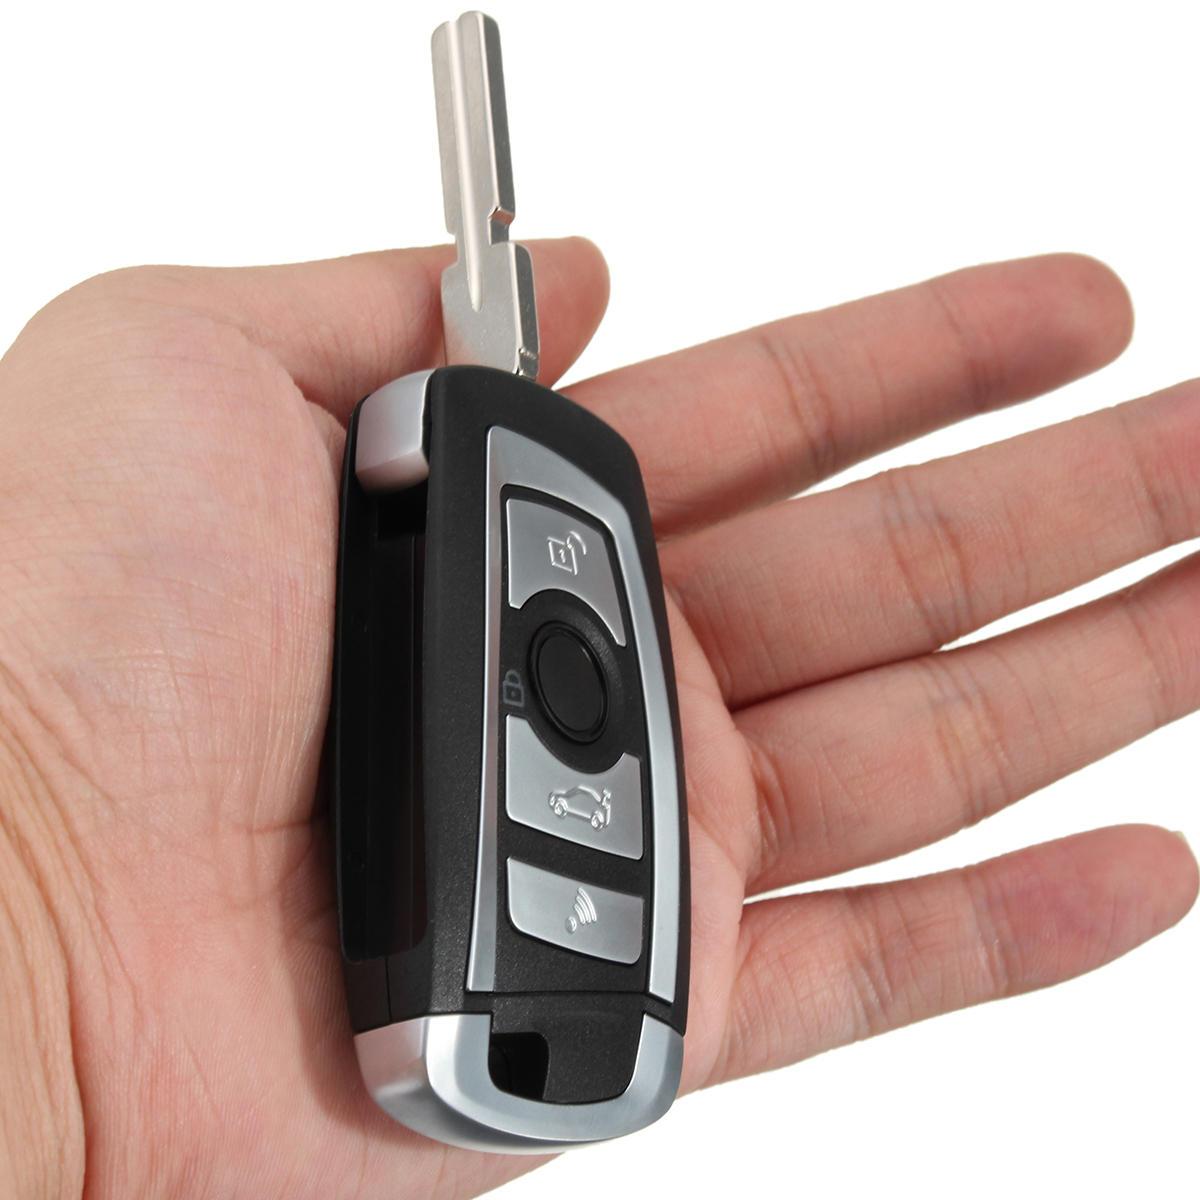 4 Botones 433MHZ Floding modificado Control remoto Clave sin chip 7935AA ID44 para BMW